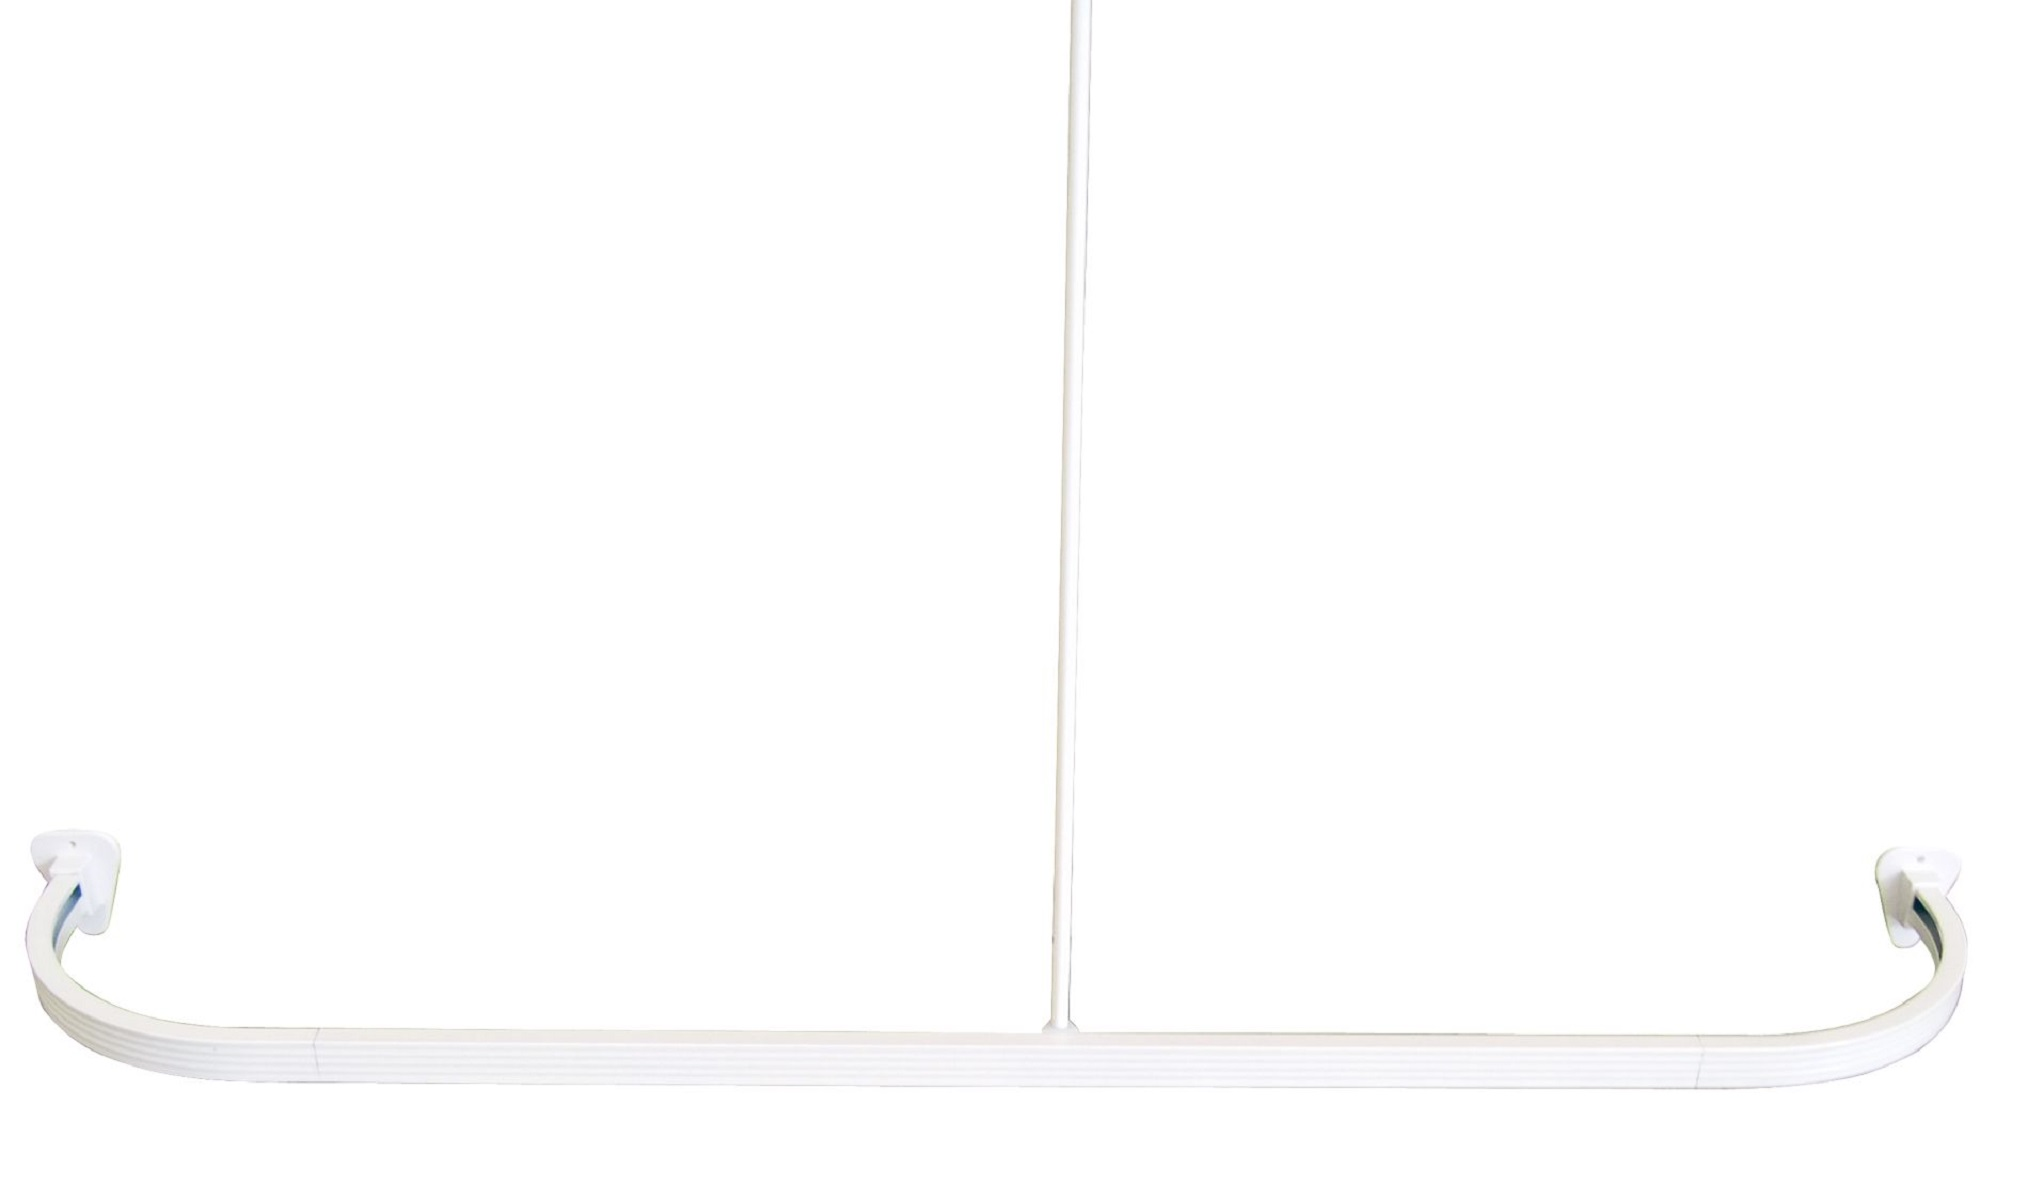 Штанга для ванной комнаты Ridder, универсальная, цвет: белый. 52501JAP-S-1818Высококачественная немецкая штанга выполнена из алюминия. Максимальный размер: 160 х 70 см. Крючки для штор вставляются в нижние полозья. Для предотвращения царапин на штангу из спрессованного алюминия наносится специальное покрытие. Установка данной штанги требует сверления. Комплект: штанга - 3 шт штанга потолочная - 1 шт угловой соединитель - 2 шт крепление к стене - 2 шт саморез+дюбель - 6 шт